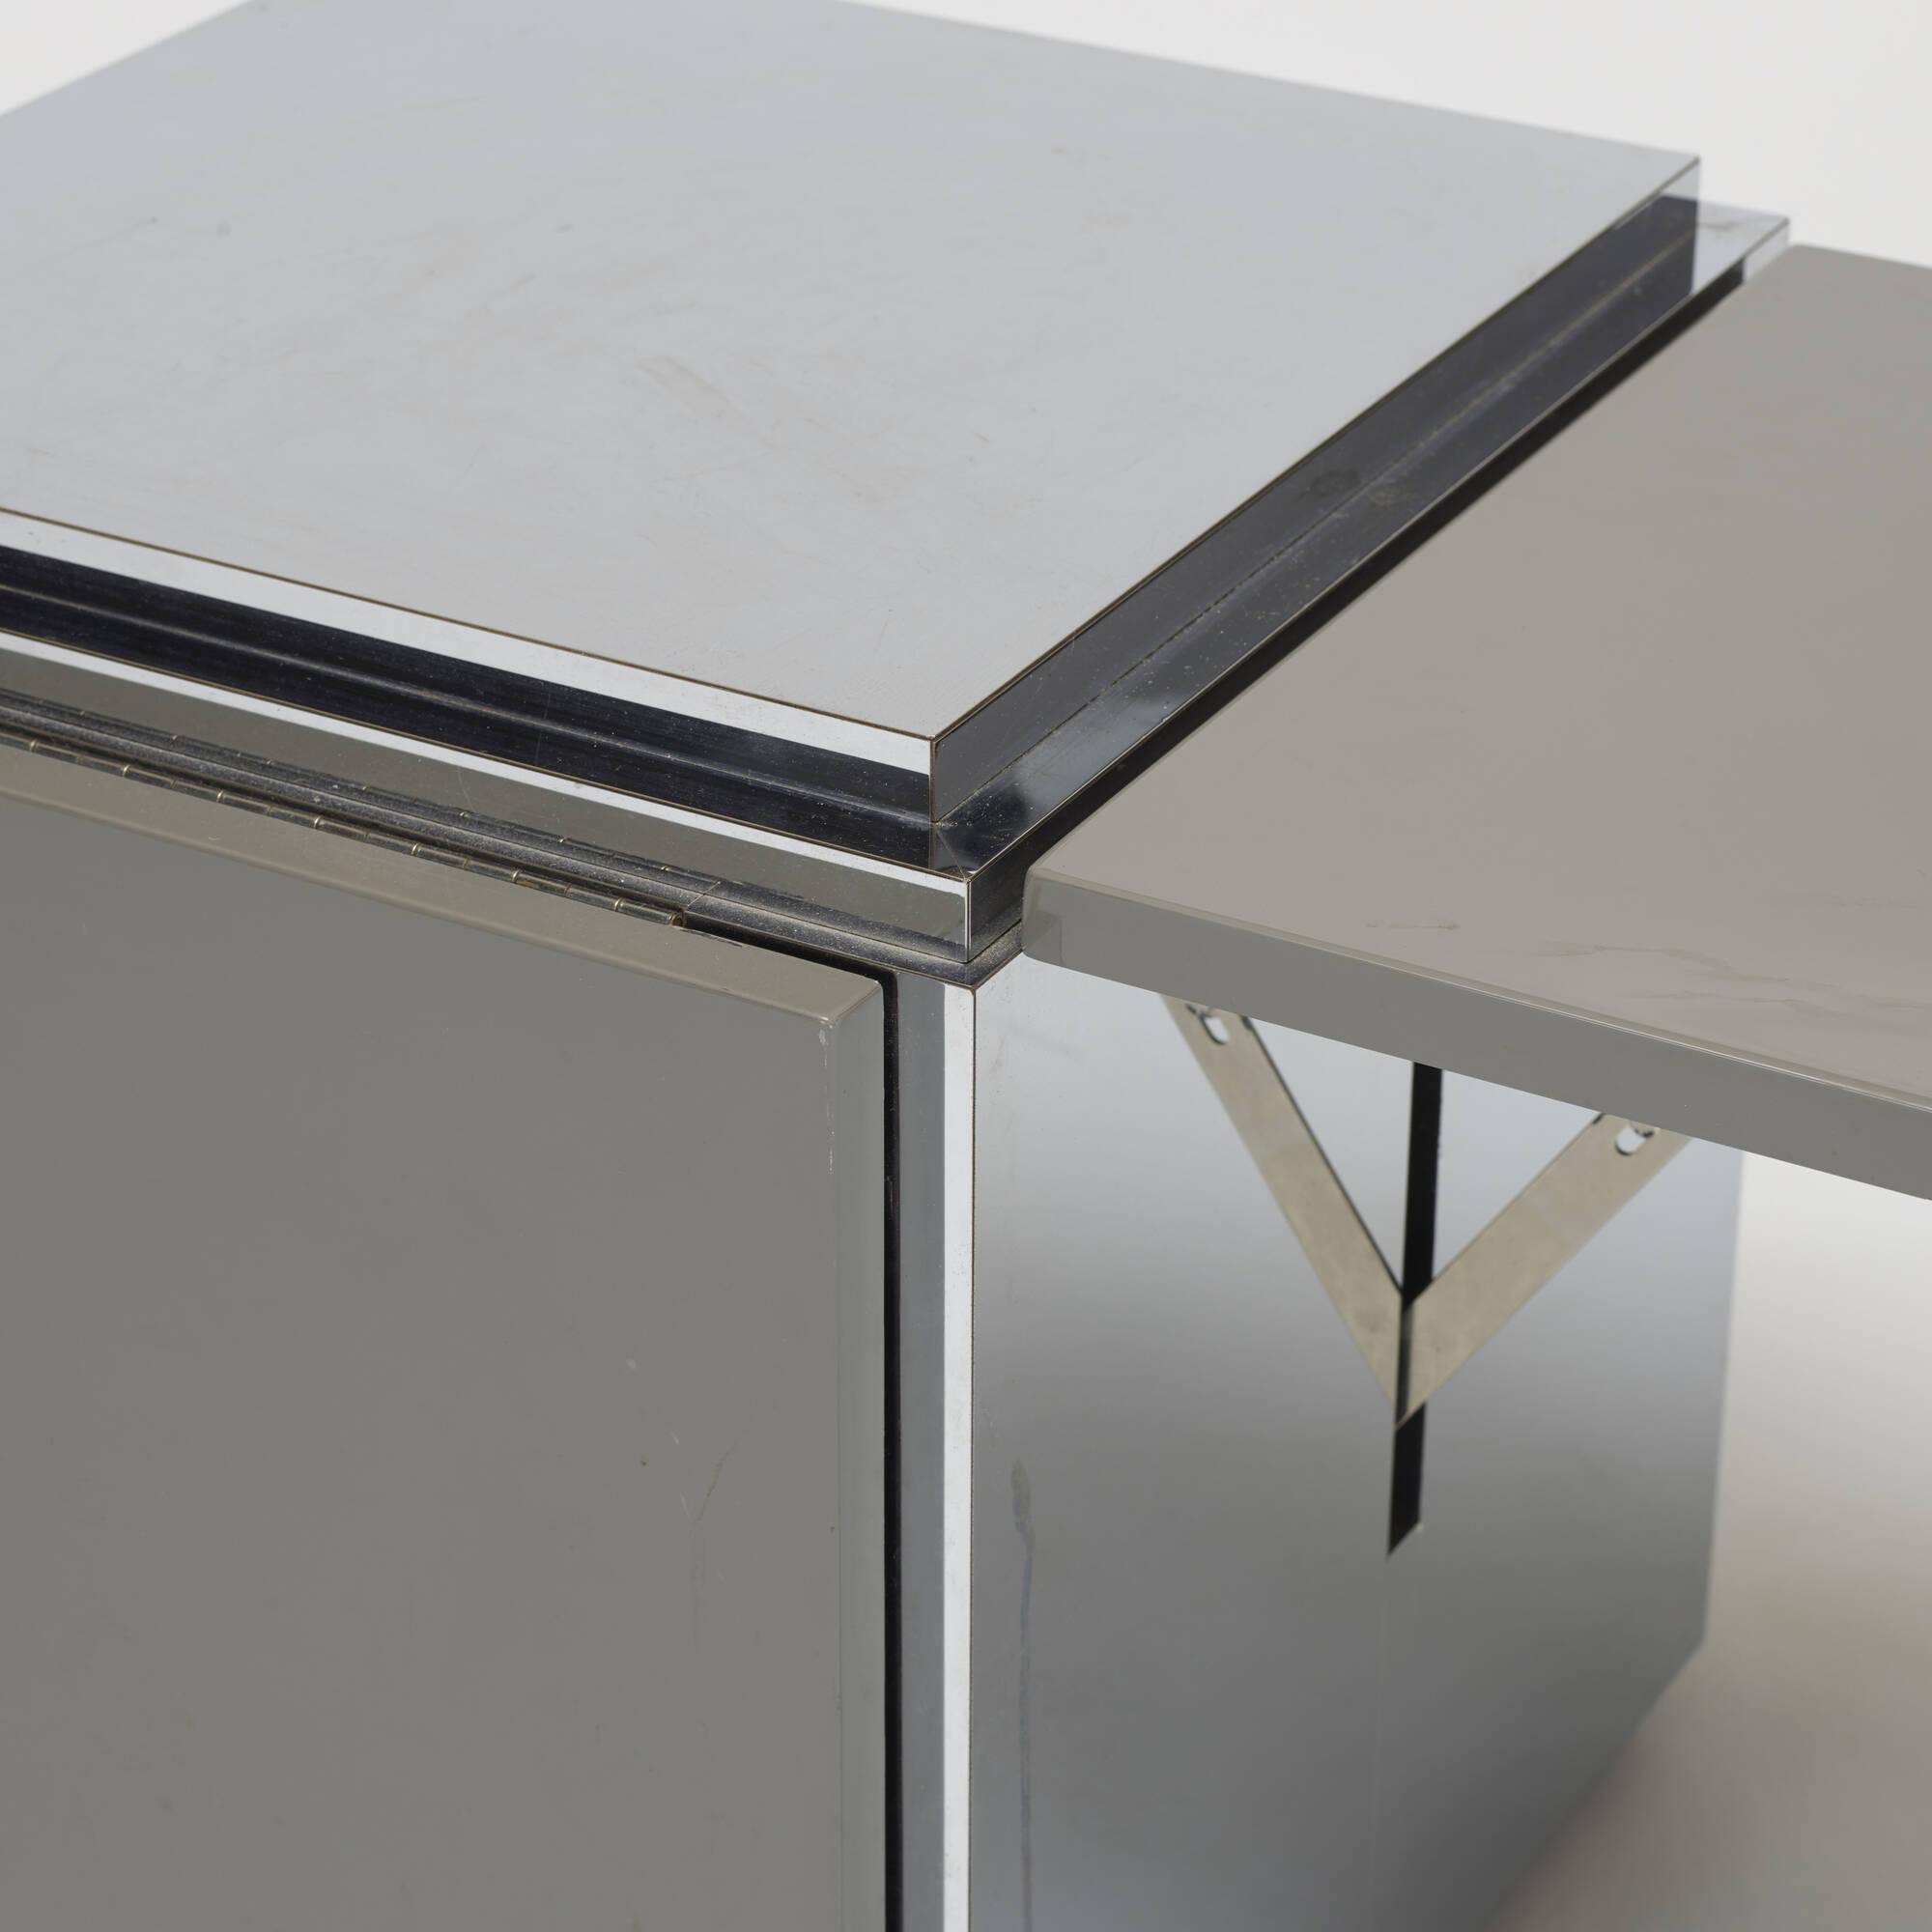 611: Modernist / drop-leaf table (3 of 3)